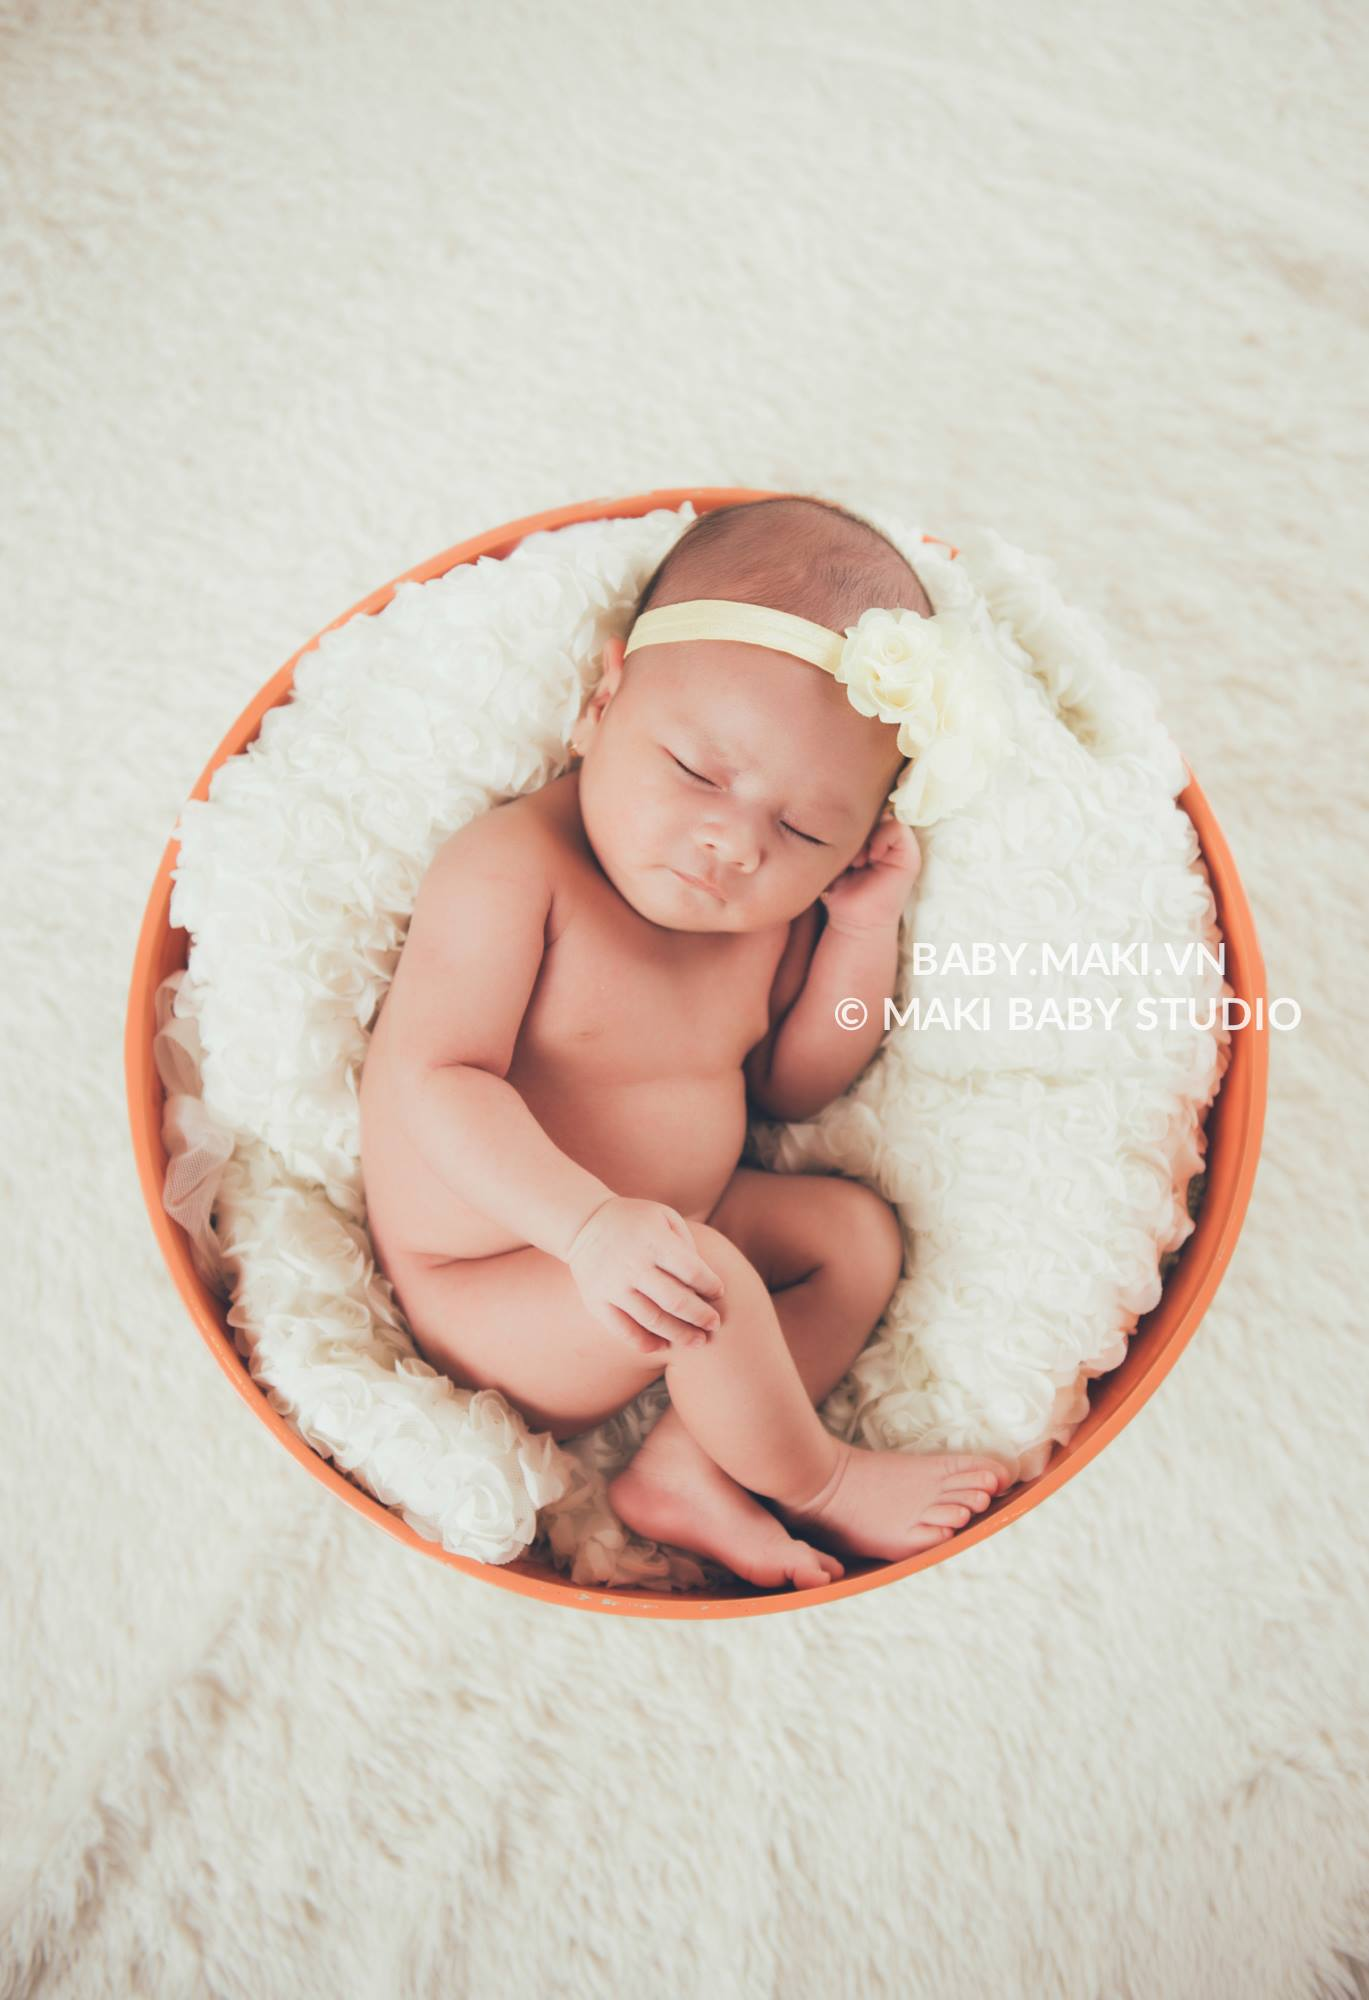 Chụp ảnh cho trẻ sơ sinh tại nhà. Ảnh: MAKI Baby